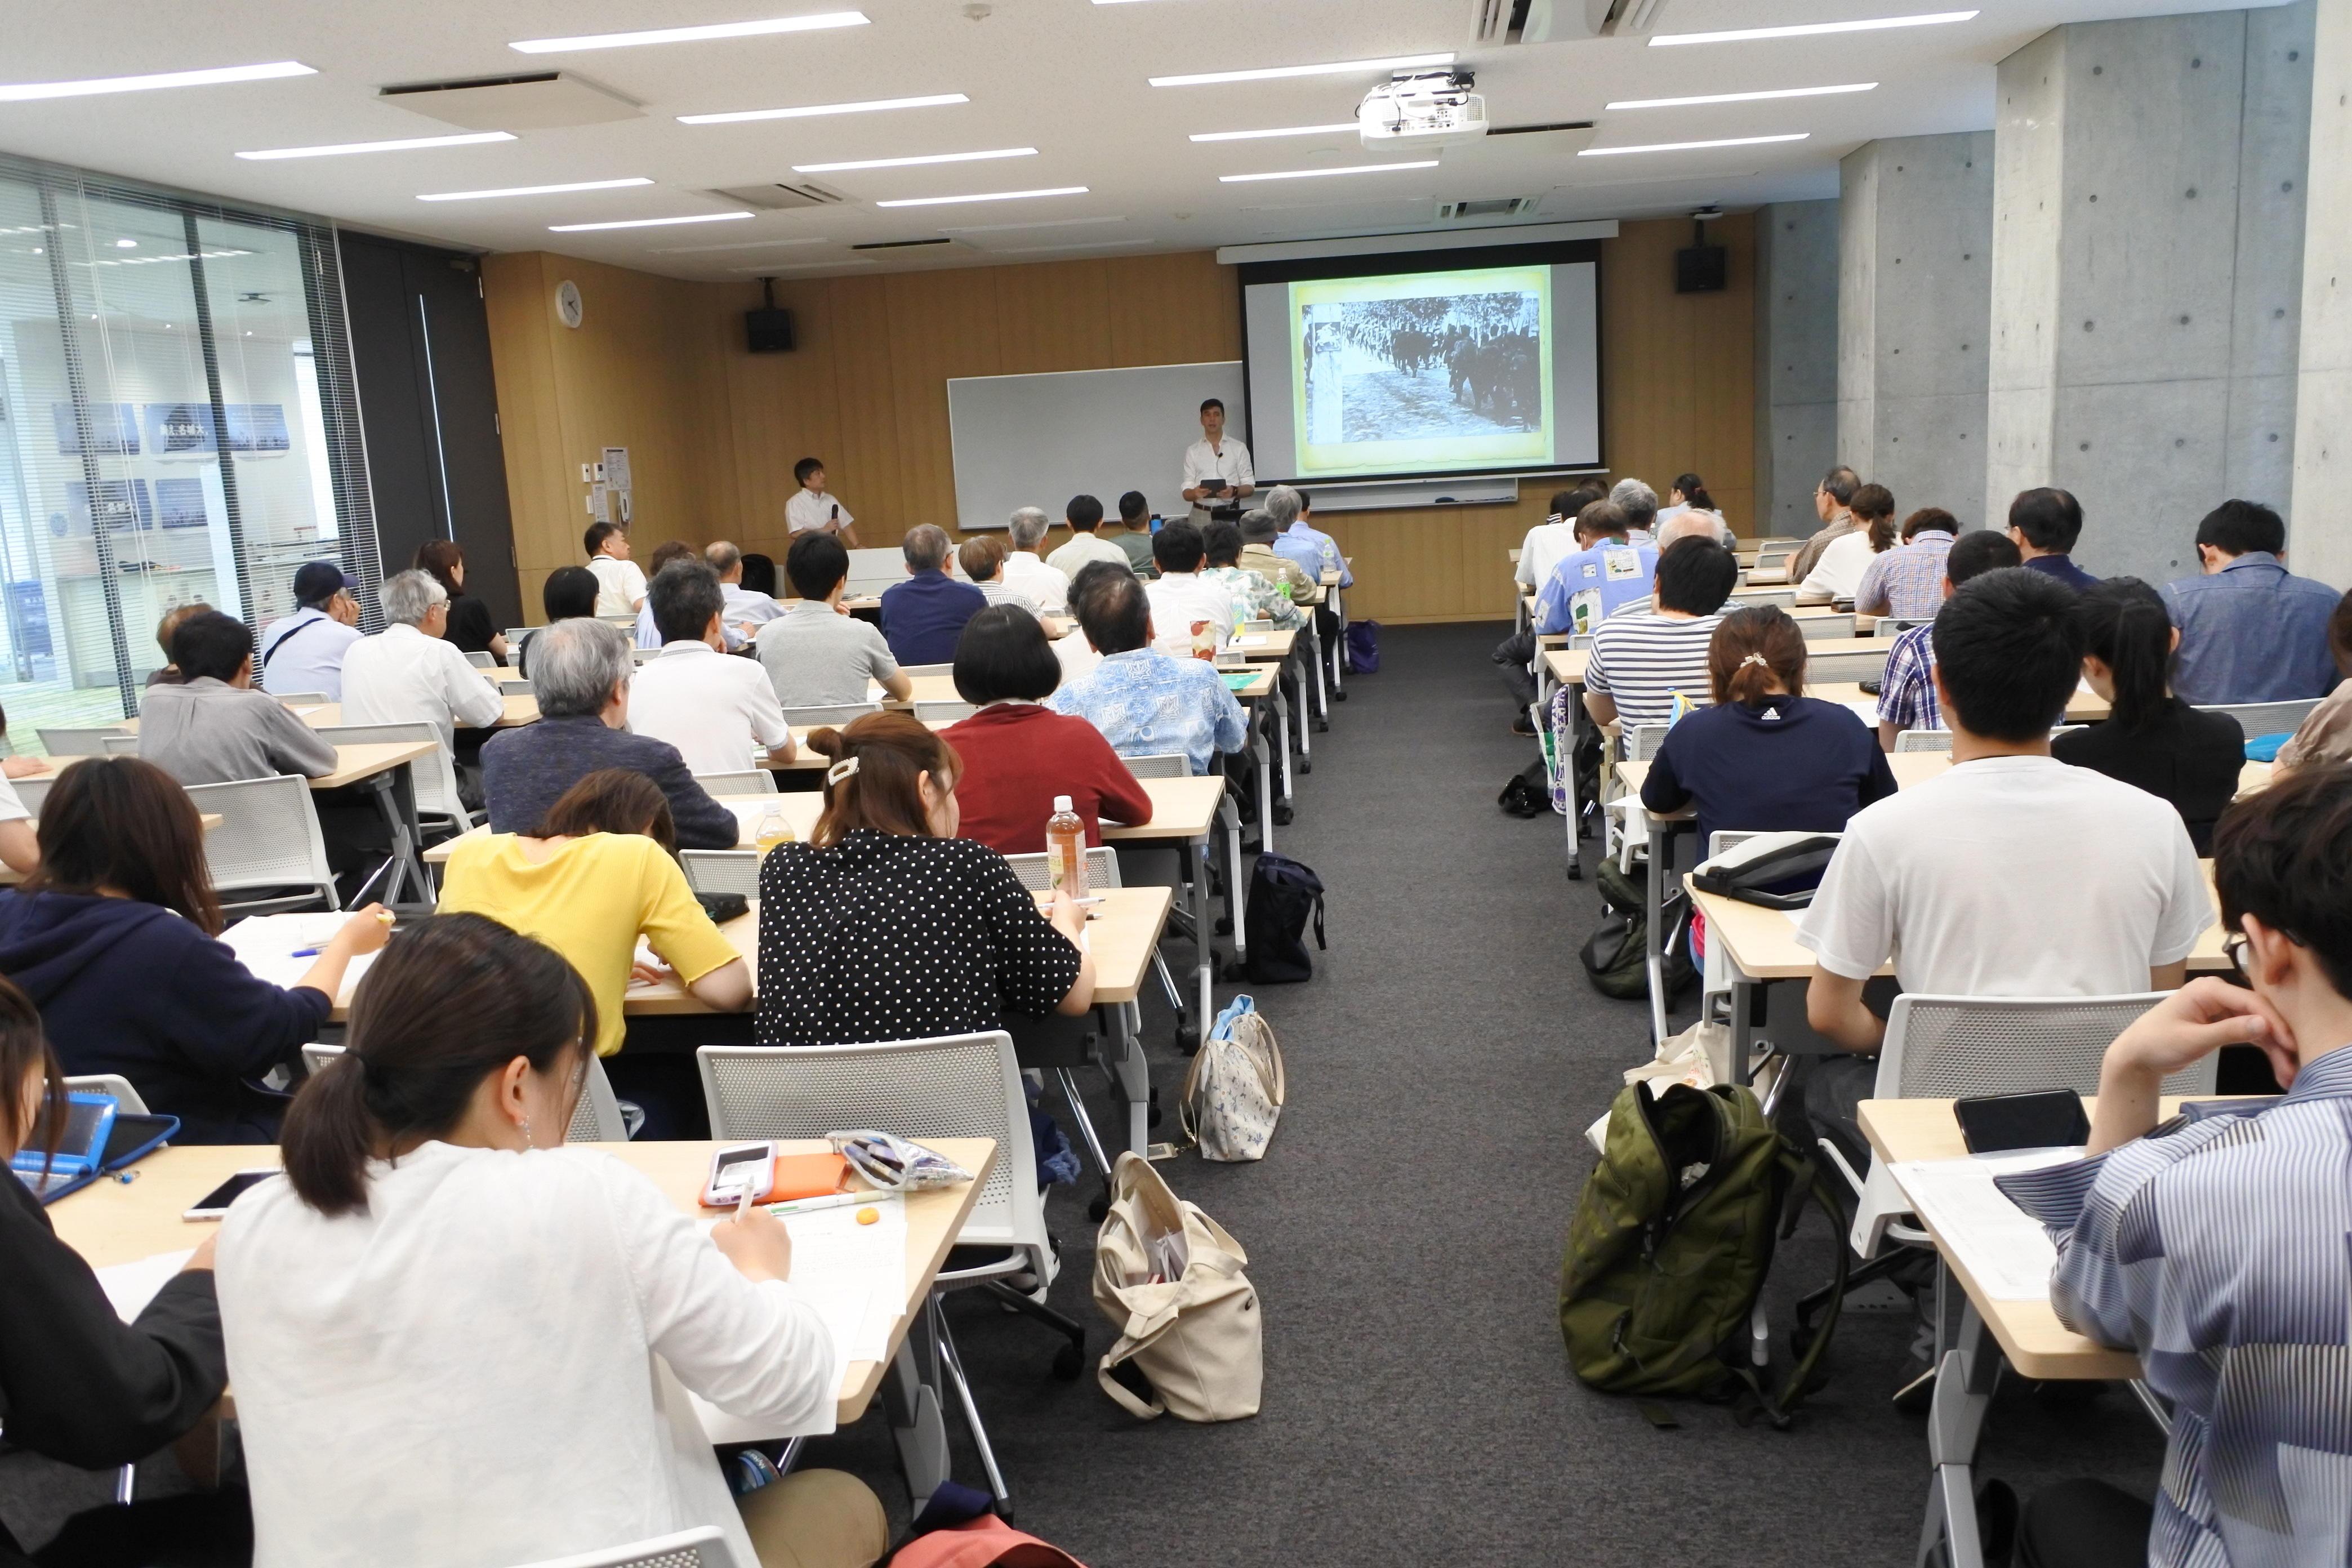 講演に集まった学生や一般の人たち